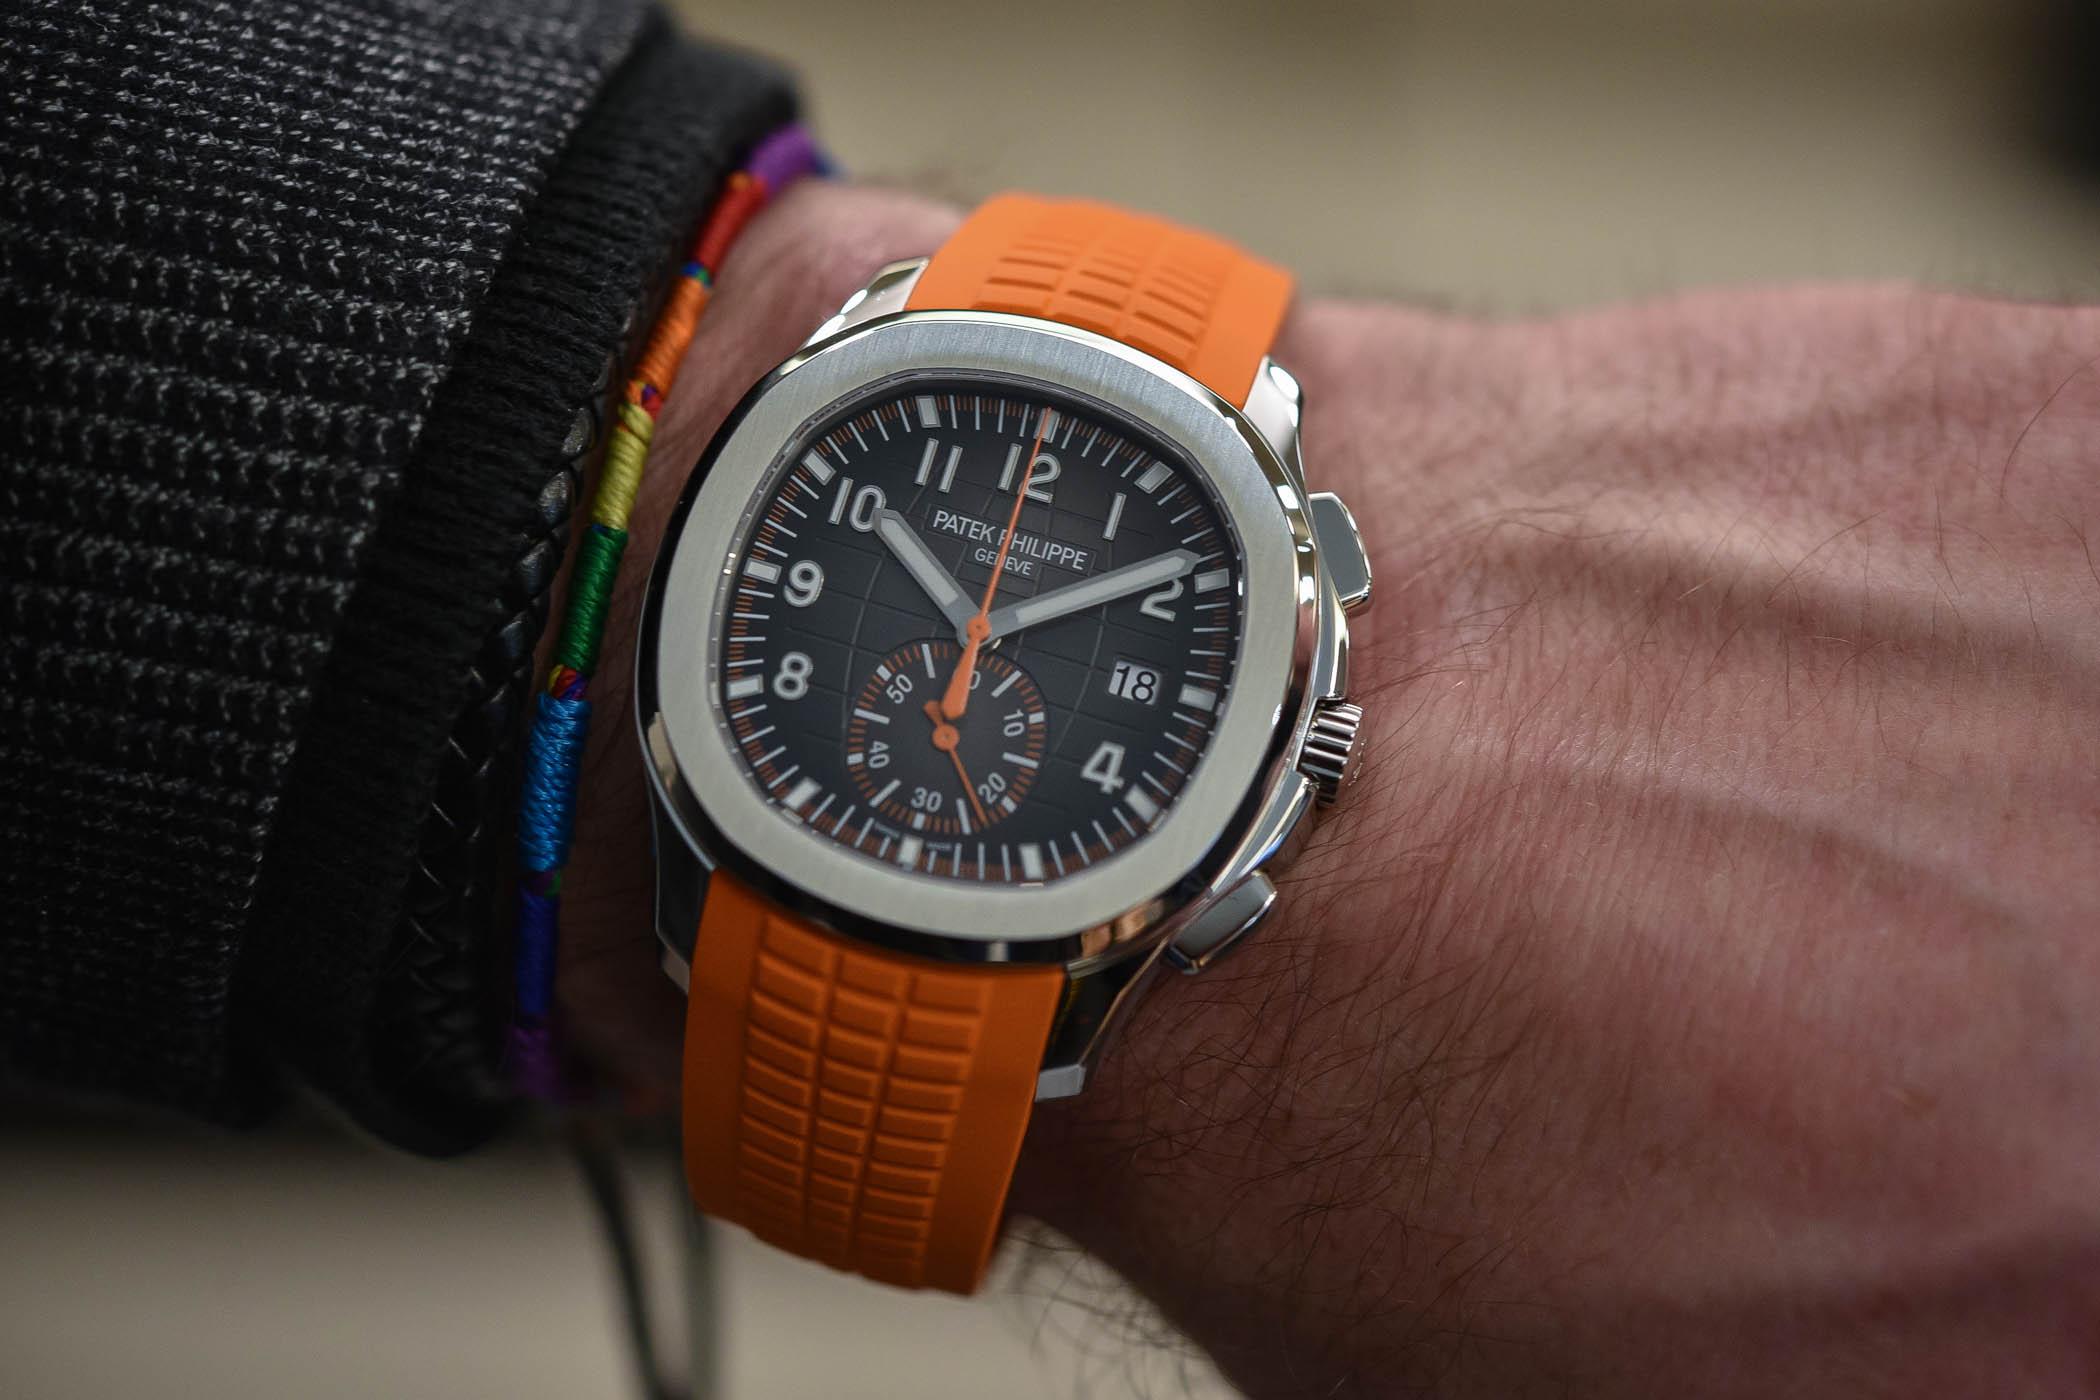 Ngắm nhìn 5 mẫu đồng hồ sở hữu sắc cam cá tính được yêu thích hiện nay